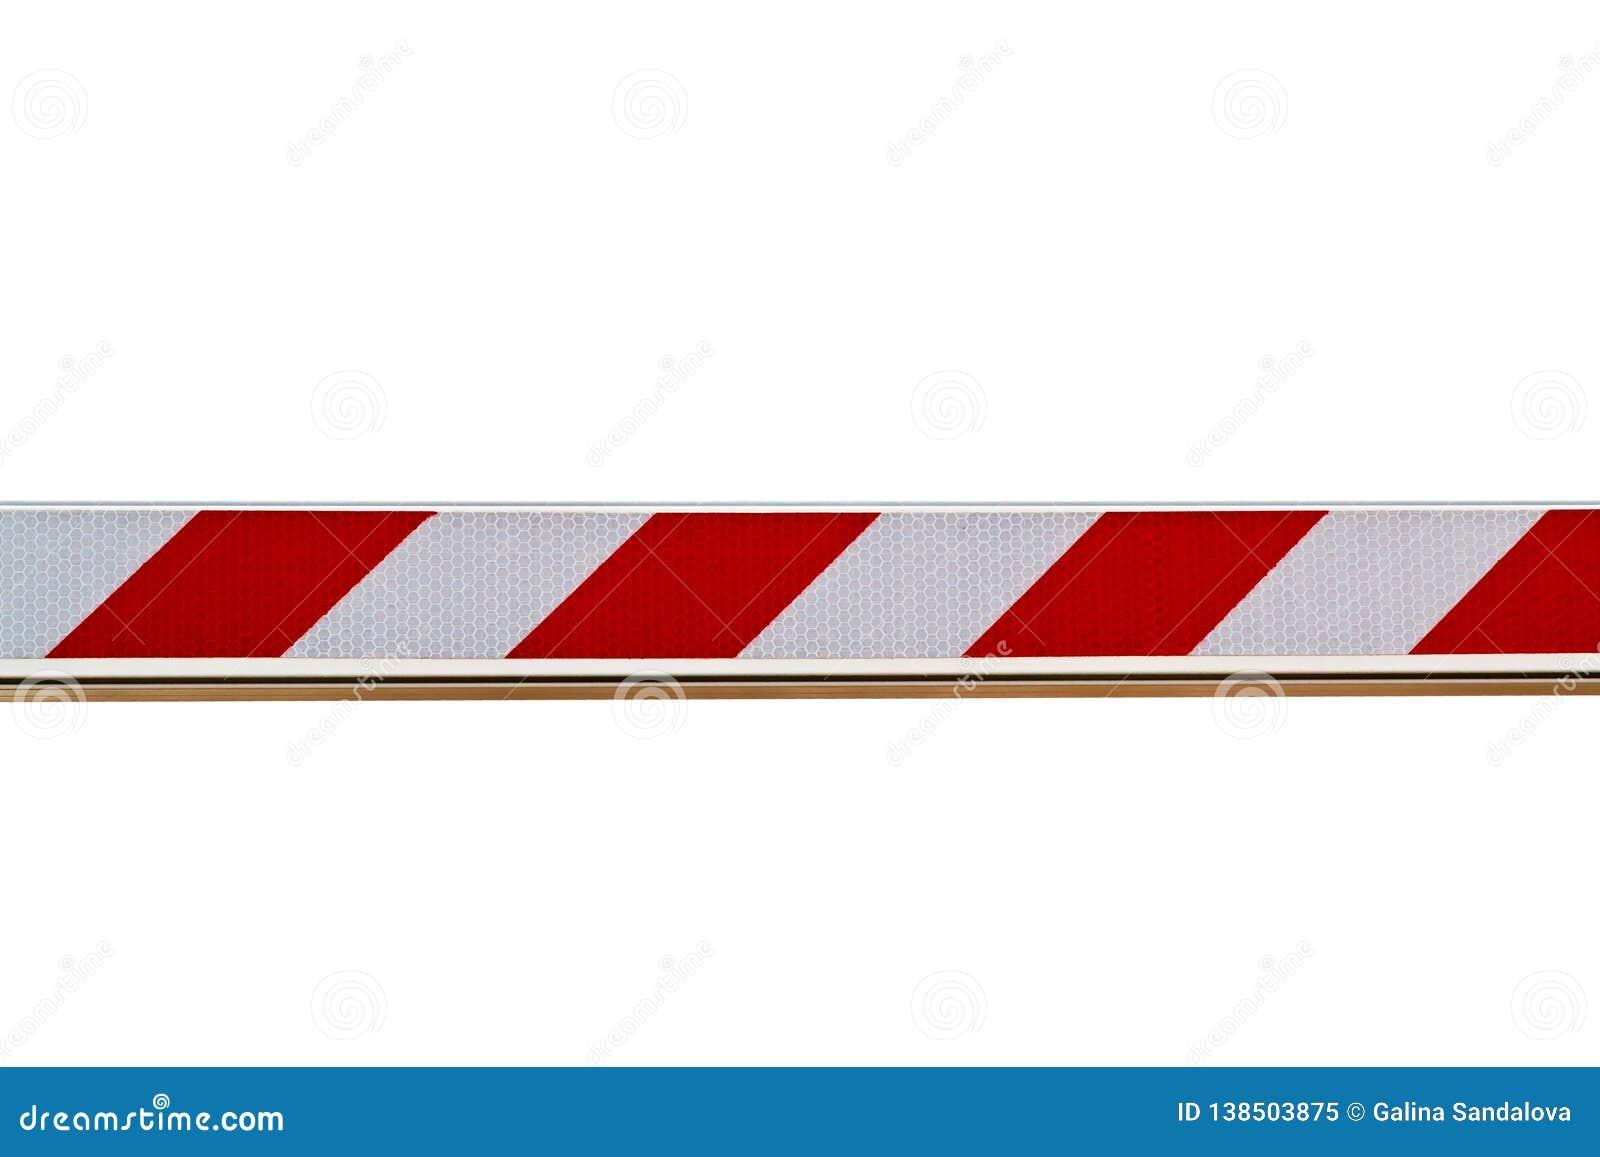 Barreira listrada vermelha e branca isolada no fundo branco